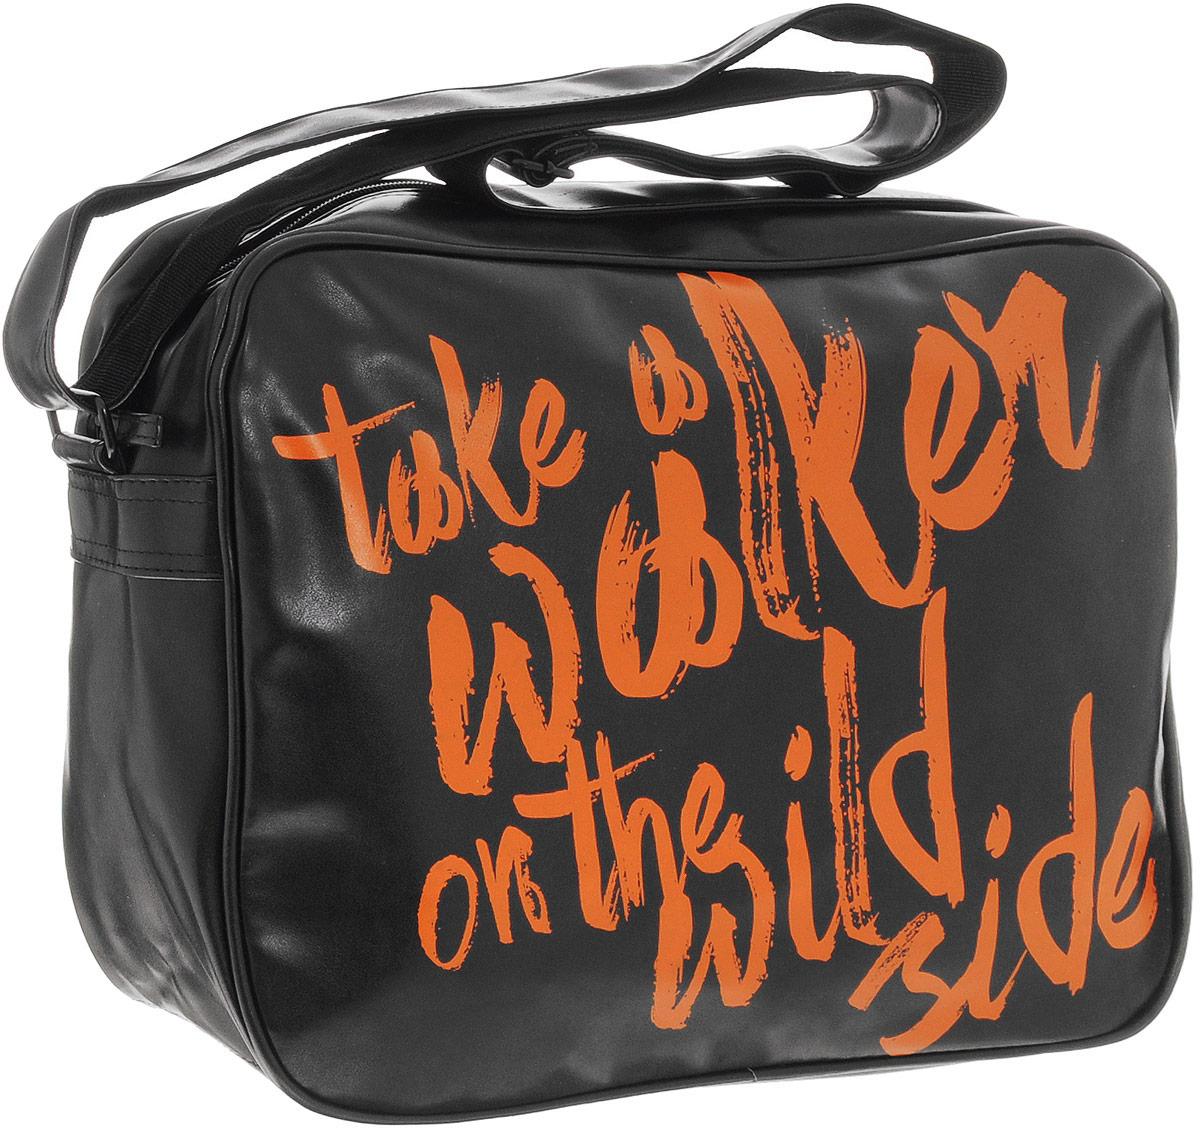 Walker Сумка школьная Fun Take a Walker404-20/454Школьная сумка Walker Fun Take a Walker выполнена из прочного износостойкого полиуретана черного цвета с яркими надписями. Сумка состоит из одного отделения, которое закрывается на застежку-молнию. Внутри отделения расположены два открытых накладных кармашка. Задняя сторона сумки дополнена врезным карманом на молнии. Сумка имеет одну широкую лямку для переноски на плече. Лямка легко регулируется по длине. Прочная и вместительная сумка Fun Take a Walker смотрится элегантно в любой ситуации. Идеальный выбор для школы, университета или досуга.